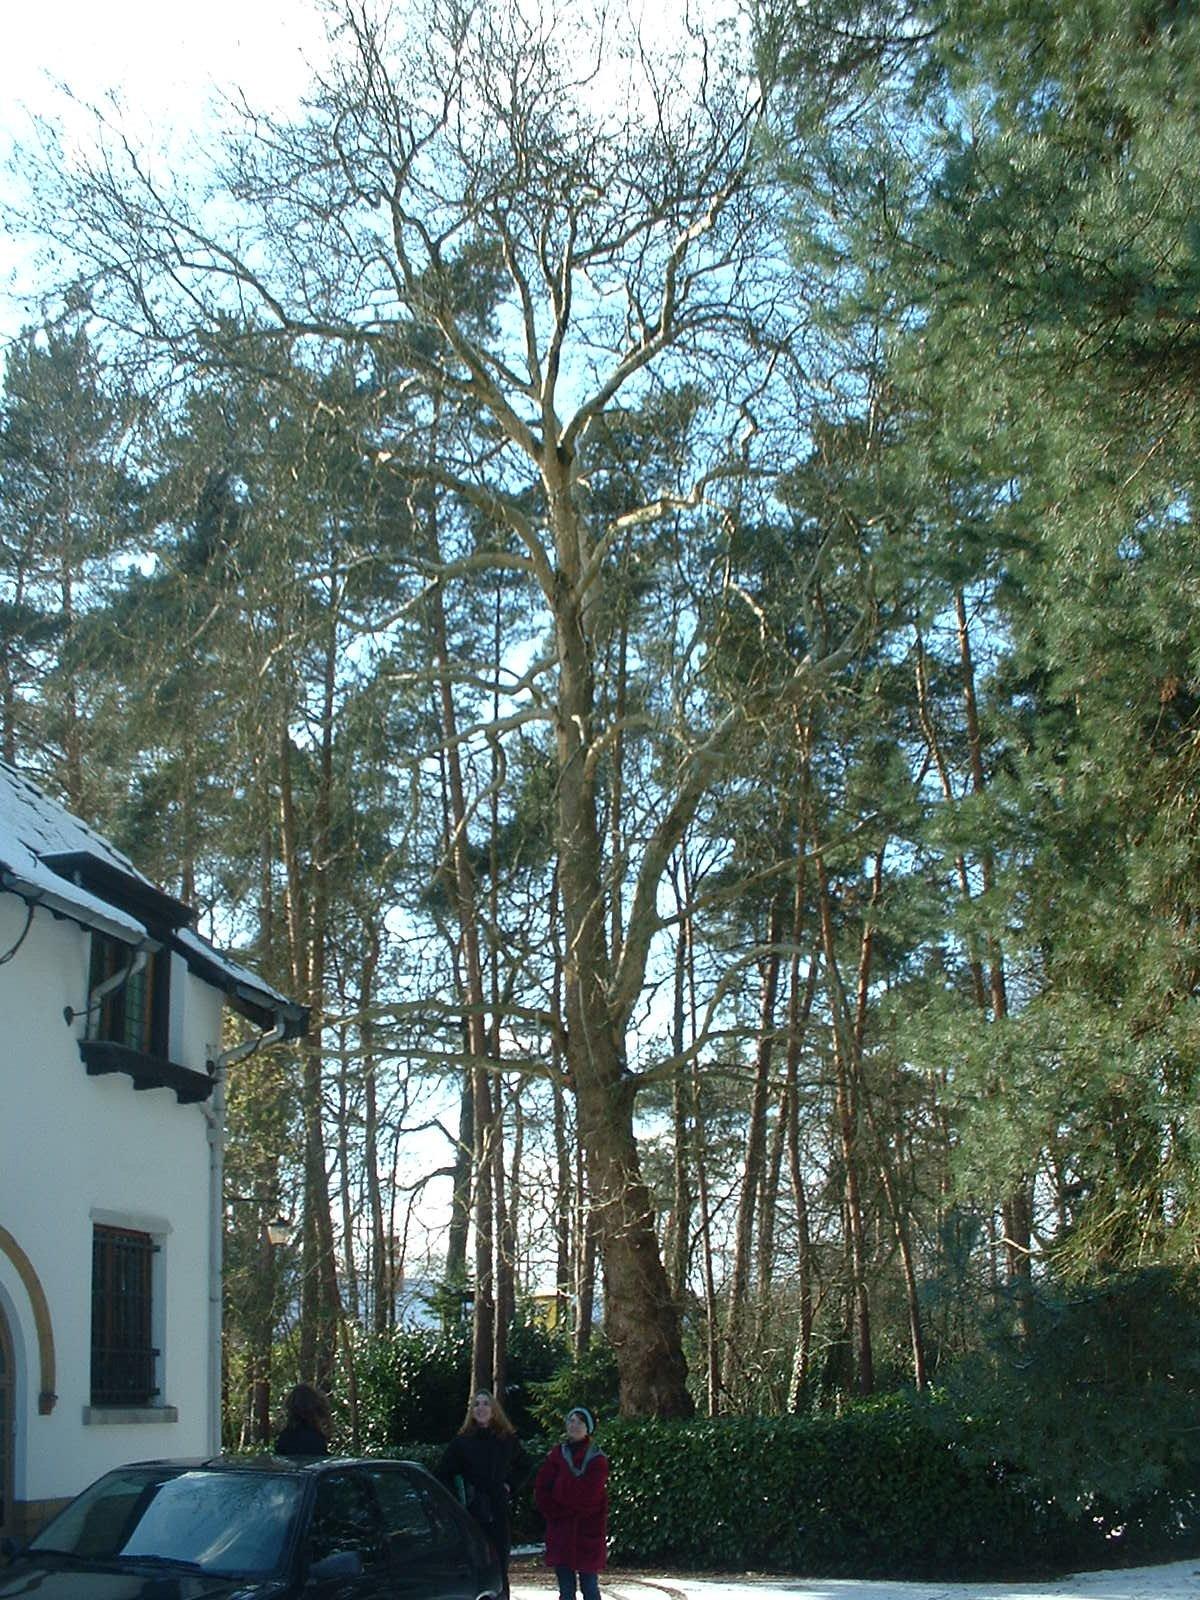 Platane à feuille d'érable – Uccle, Avenue du Prince d'Orange, 32 –  27 Février 2004